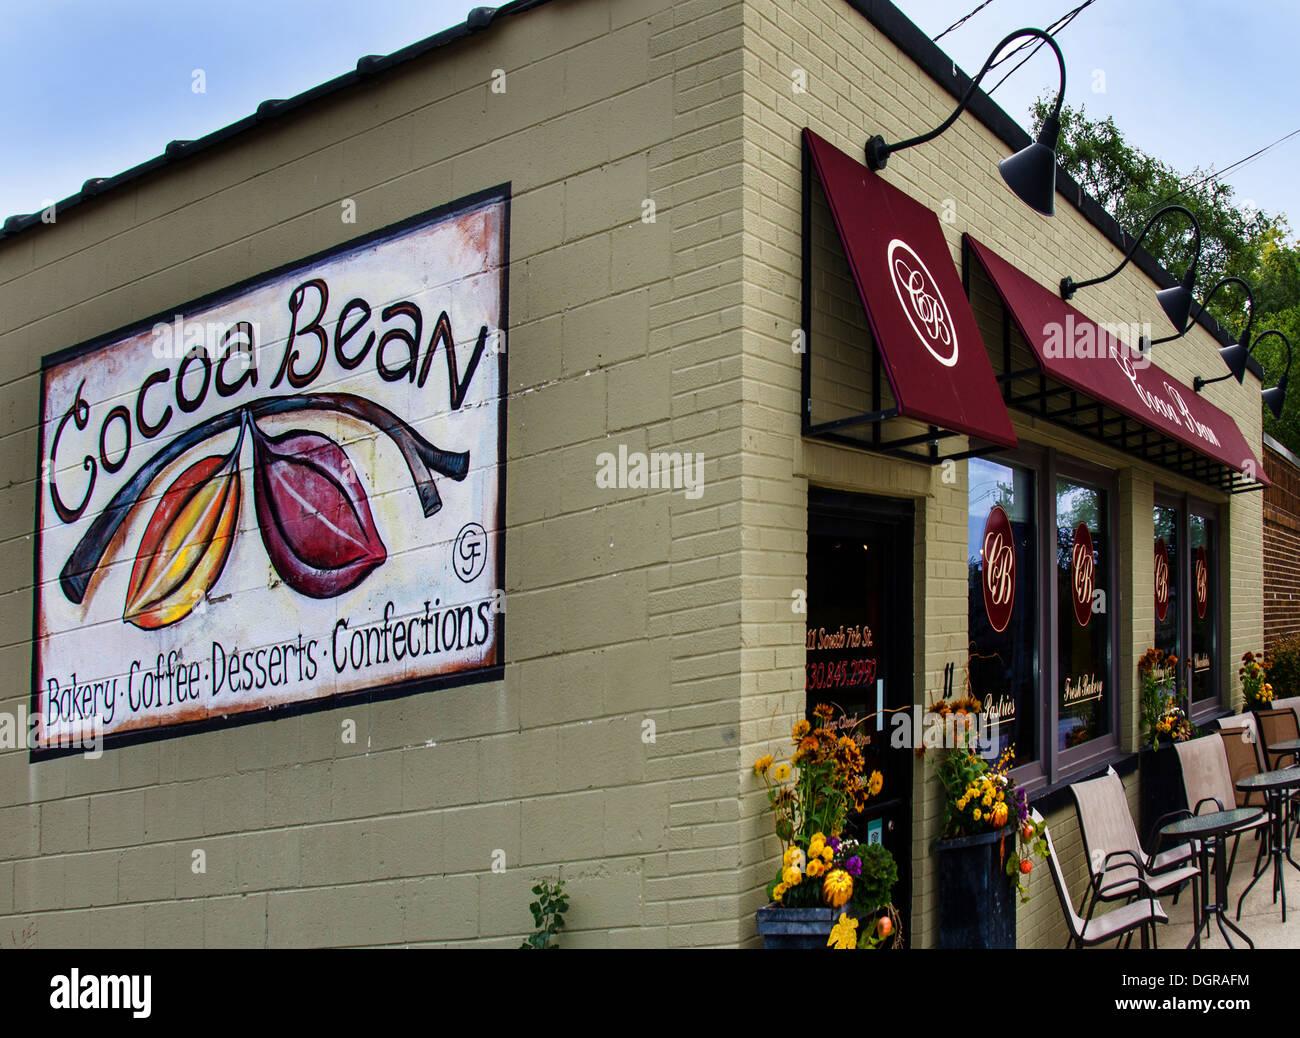 Die Kakaobohne ist eine beliebte Bäckerei in Geneva, Illinois, einer Stadt auf dem Lincoln Highway. Stockbild